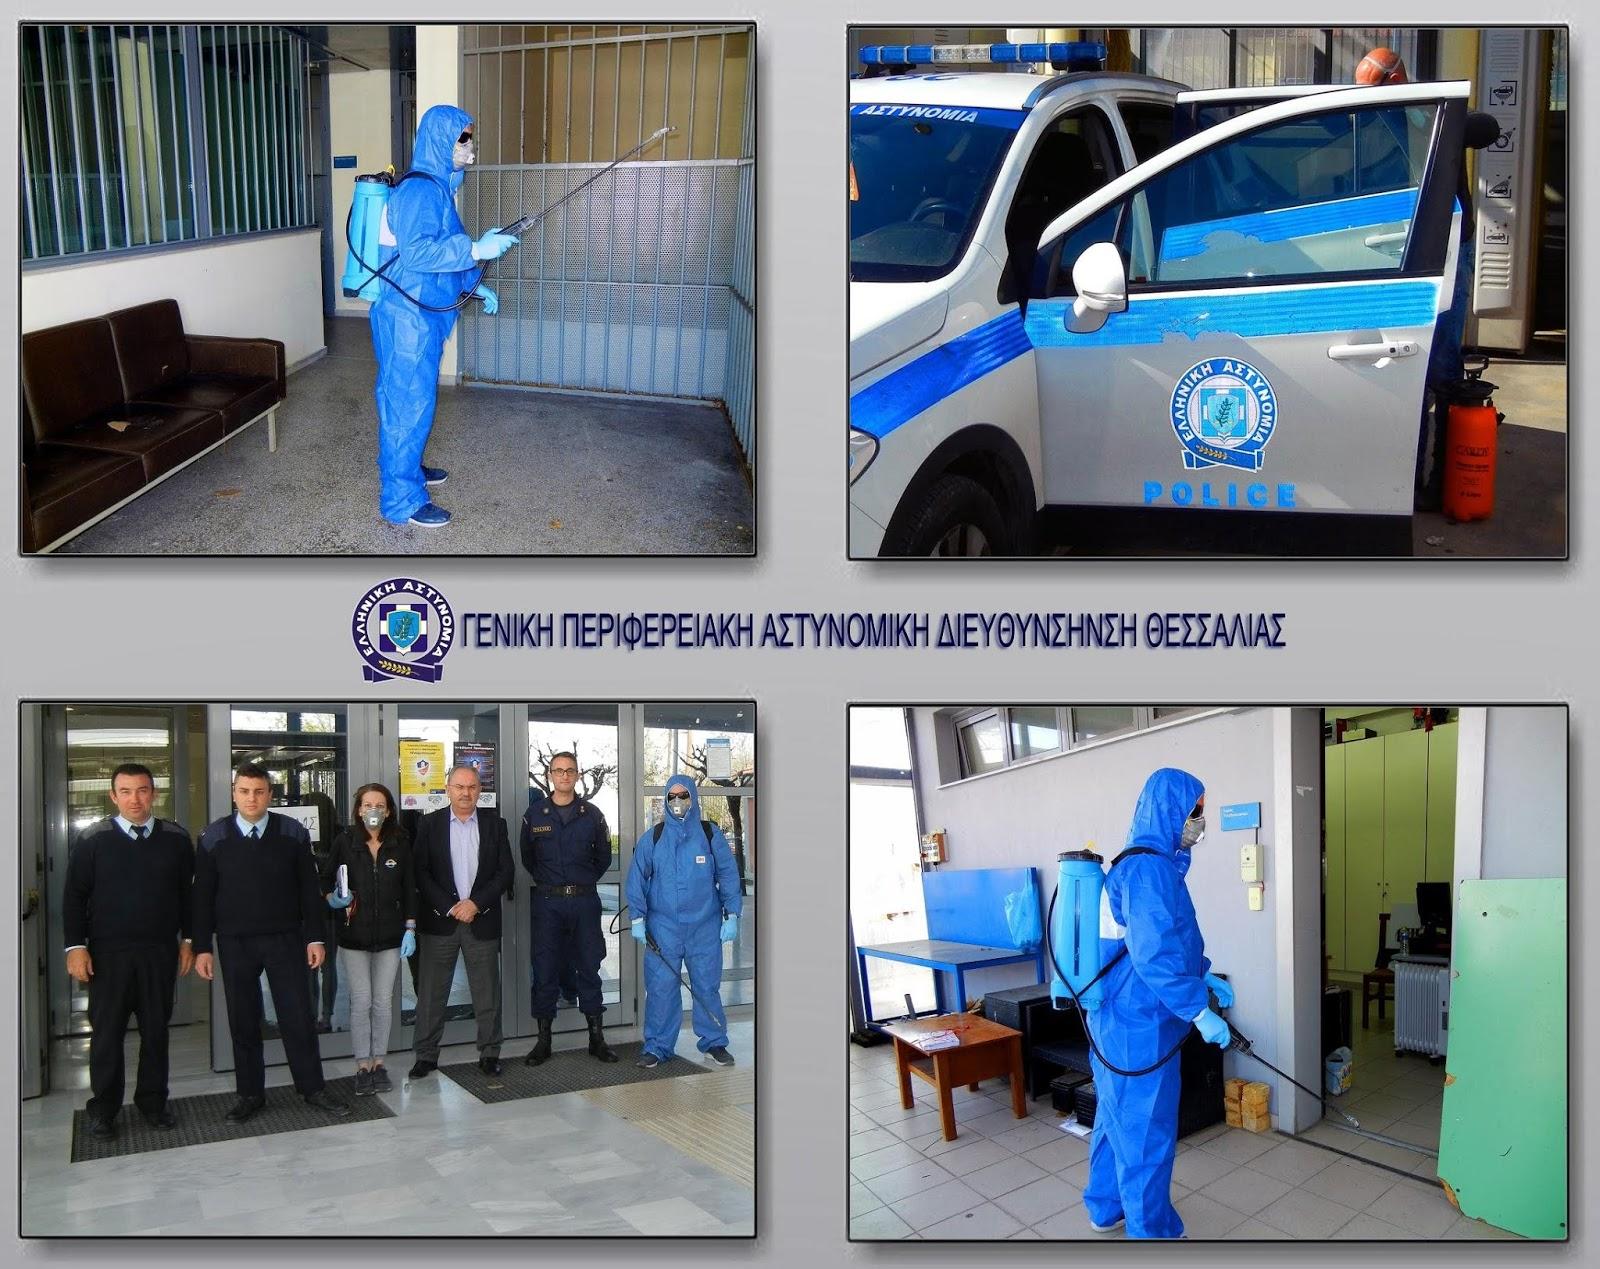 Εκτεταμένη προληπτική απολύμανση των Αστυνομικών Υπηρεσιών και Υπηρεσιακών Οχημάτων της Γενικής Περιφερειακής Αστυνομικής Διεύθυνσης Θεσσαλίας